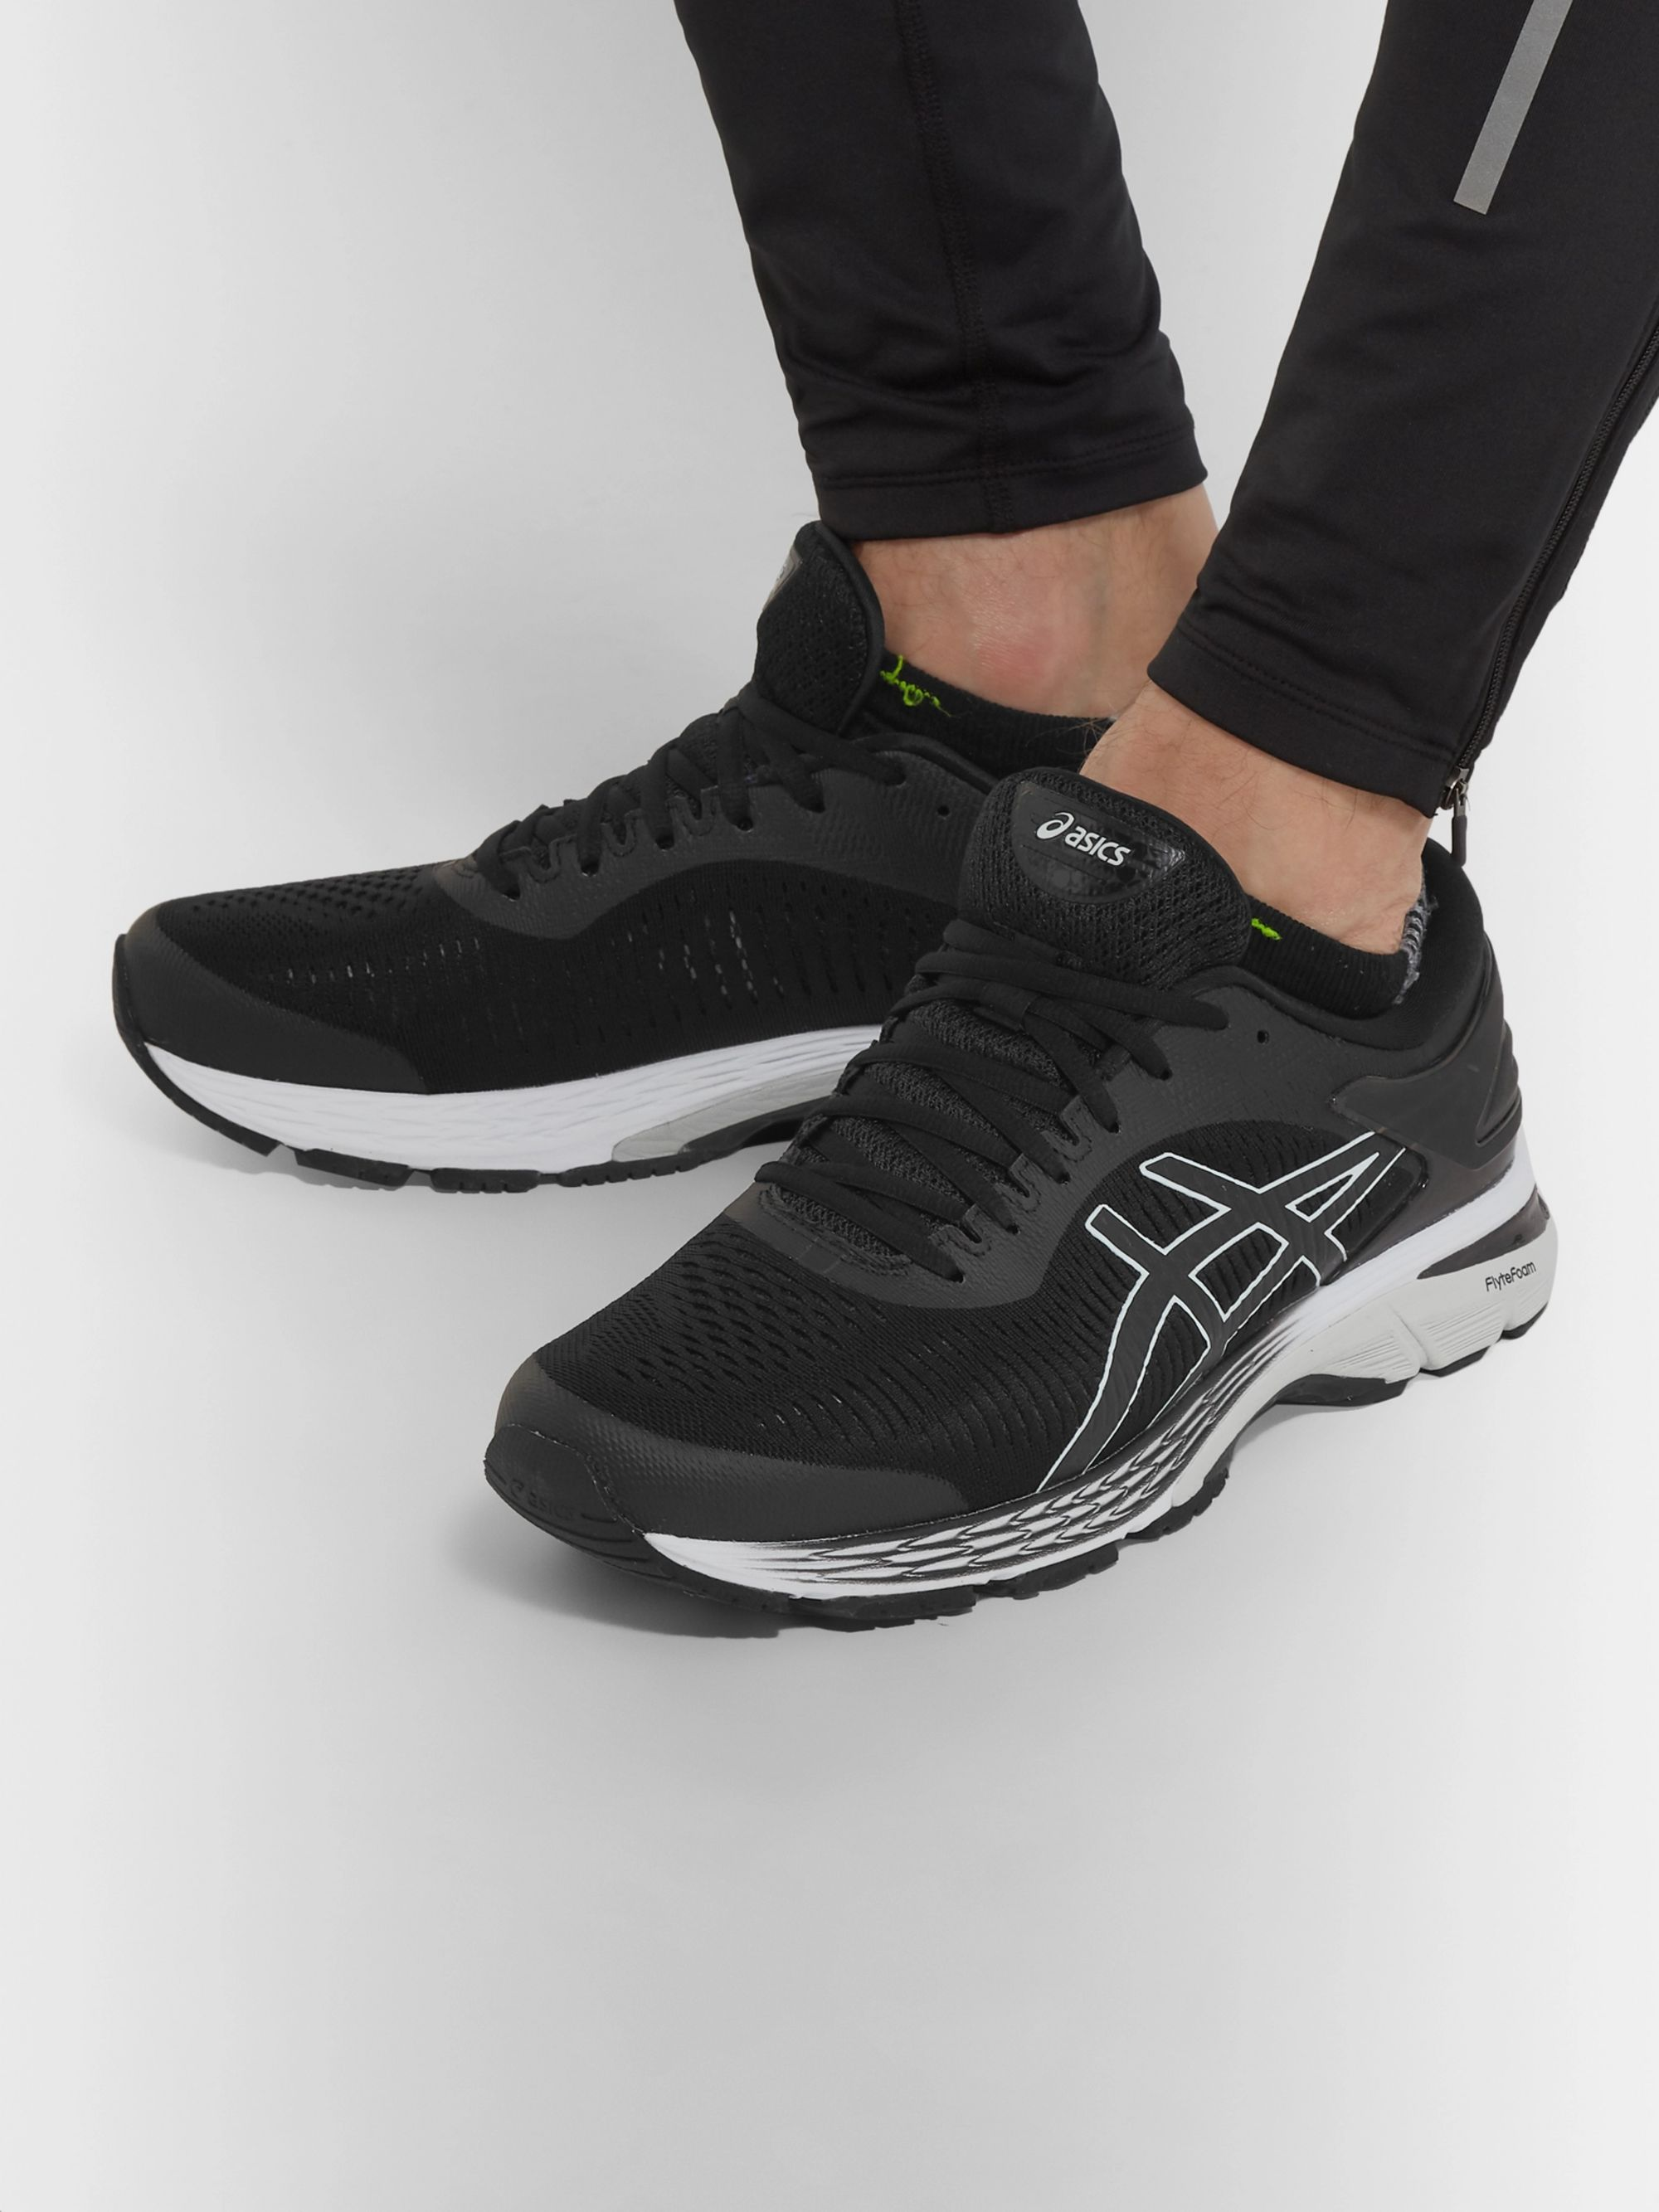 GEL KAYANO 22BlackSilverBlue | Asics Sneaker | T597N.9093